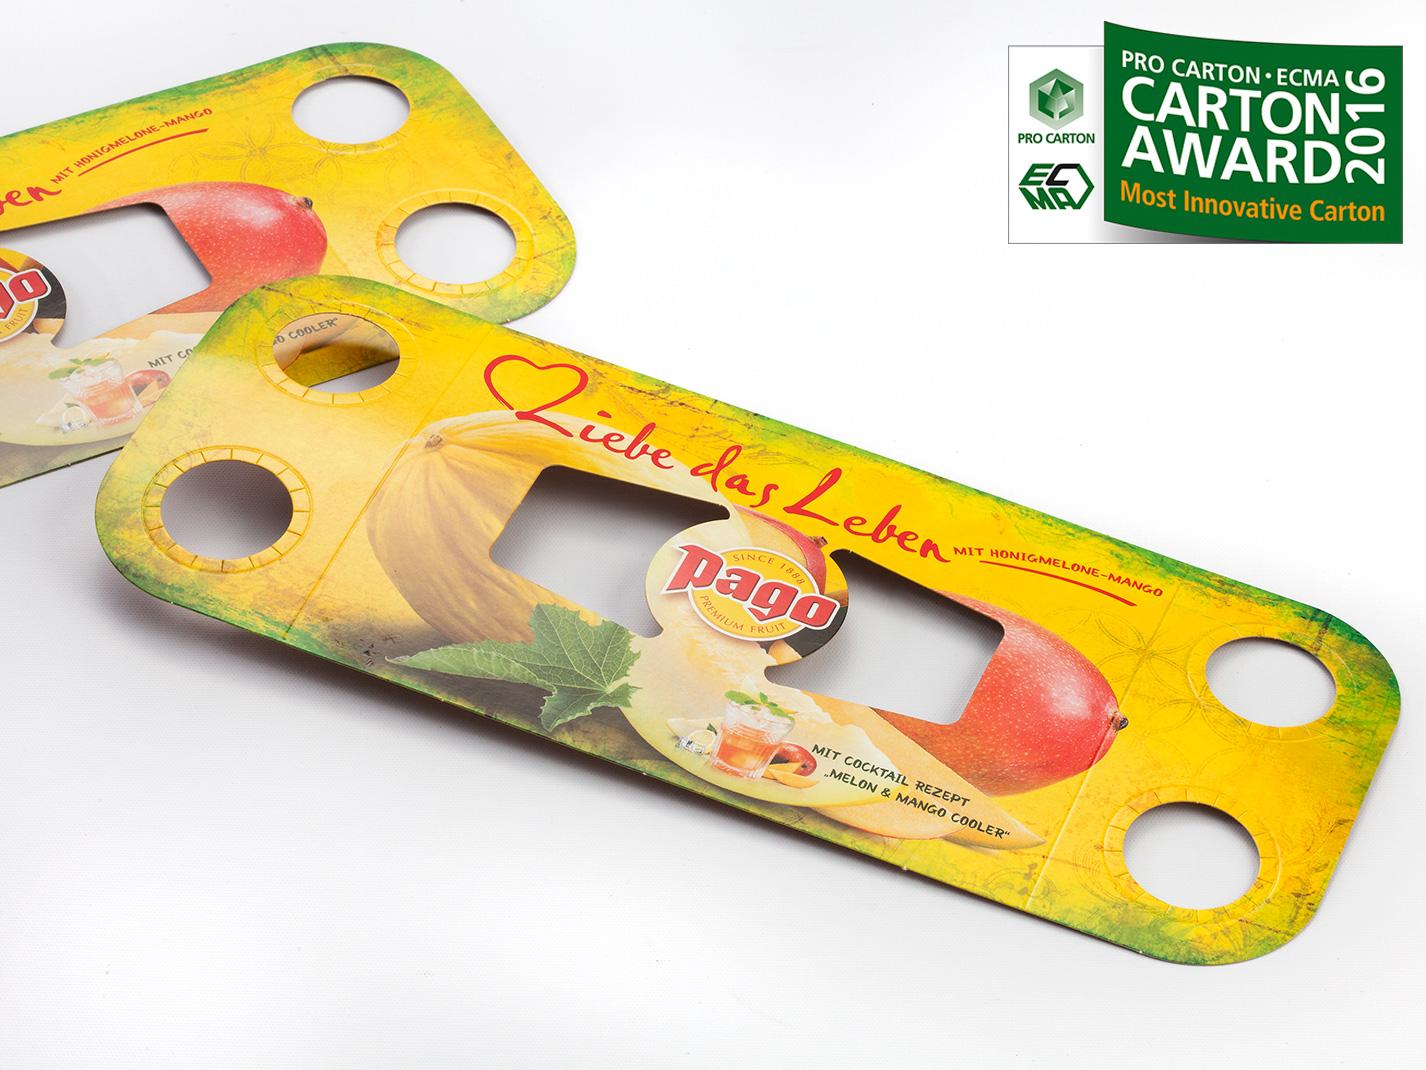 pago ProCarton Ecma Award Most Innovative Carton by Gerlinde Gruber